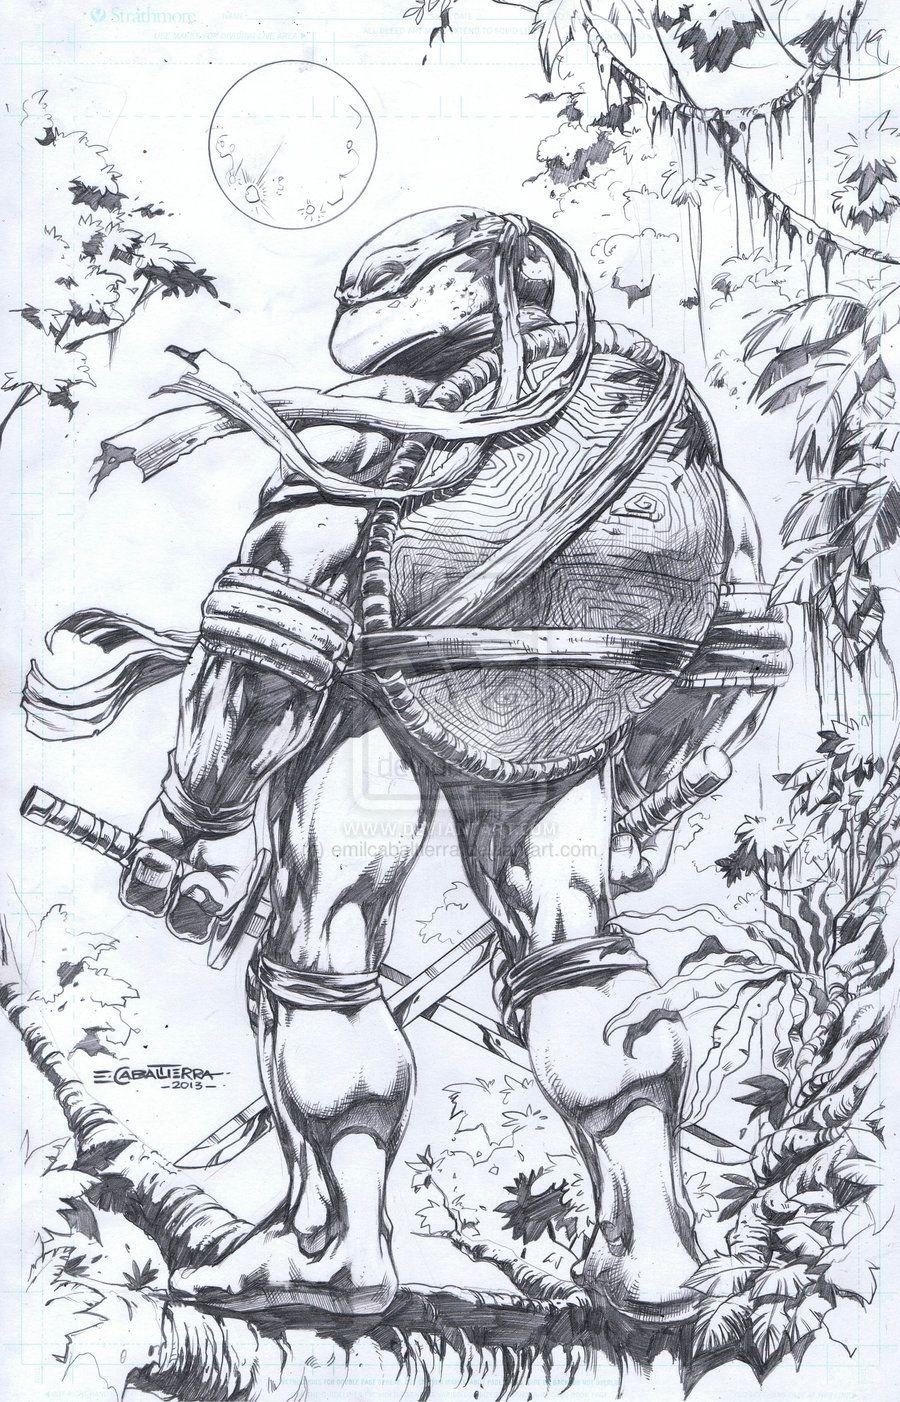 Teenage Mutant Ninja Turtles - Leonardo by Emil Cabaltierra